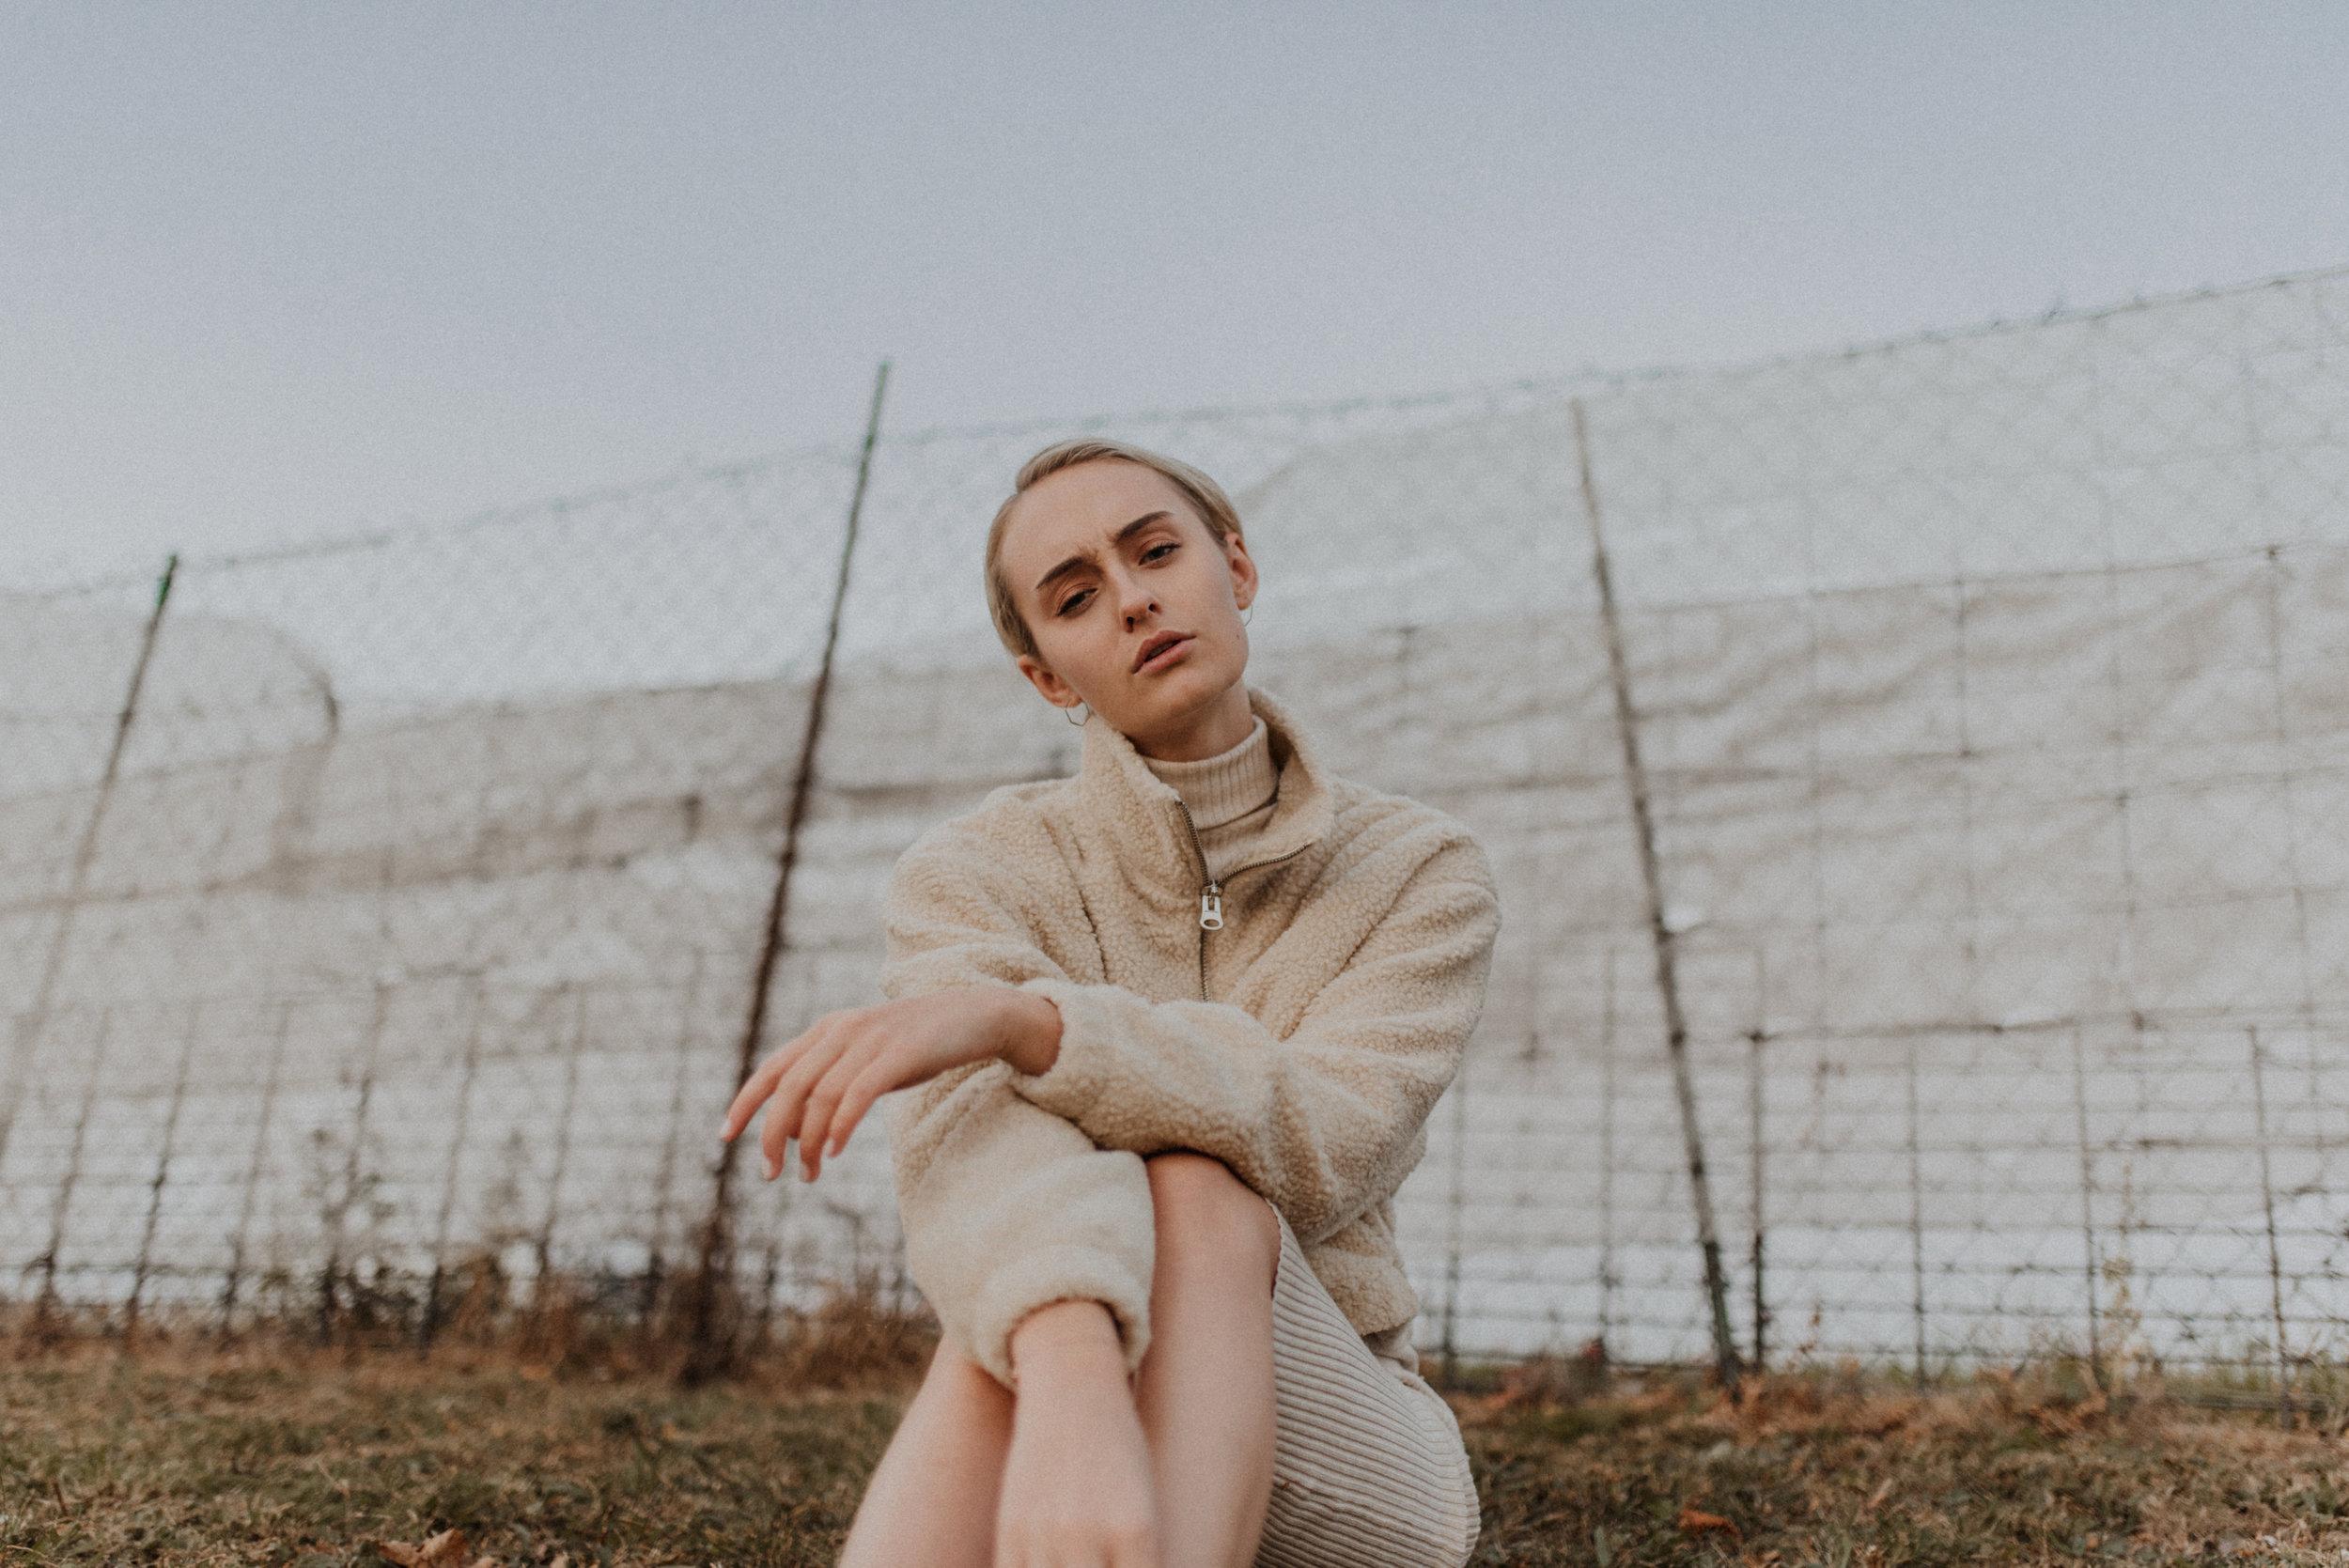 VAUEM-SARAH-20181019-52.jpg